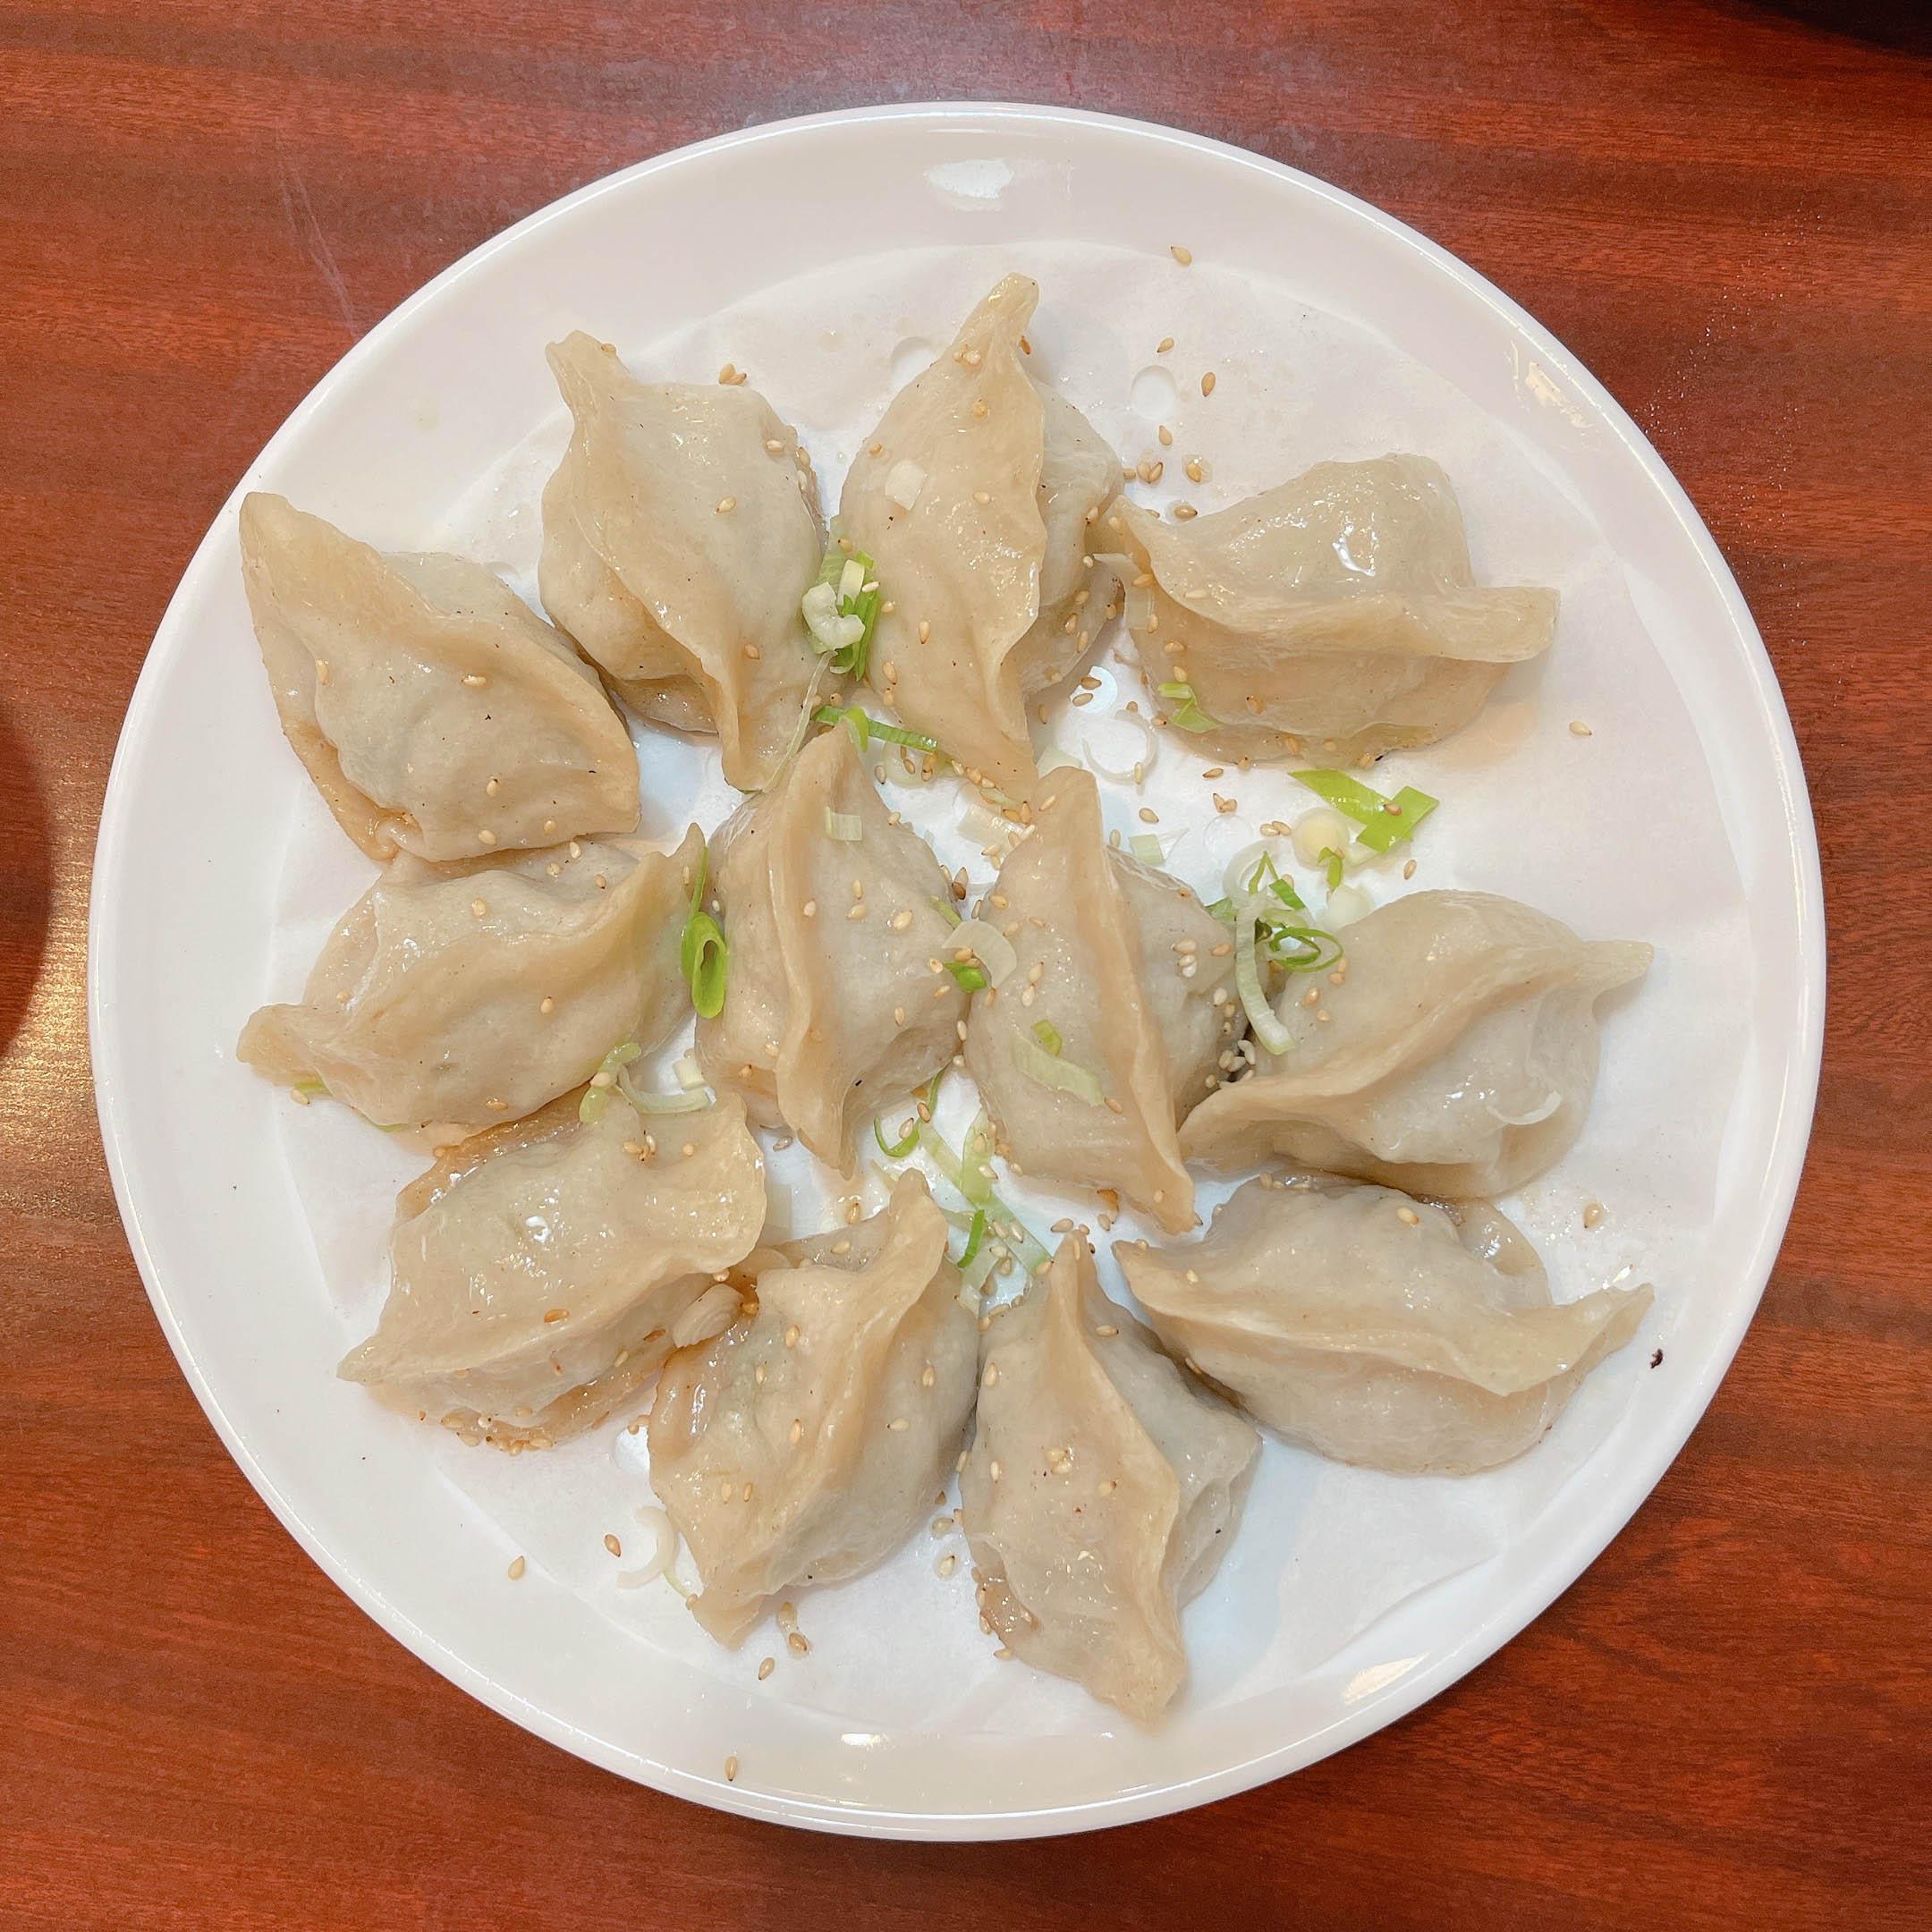 Dumplings-at-Meet-Dumplings